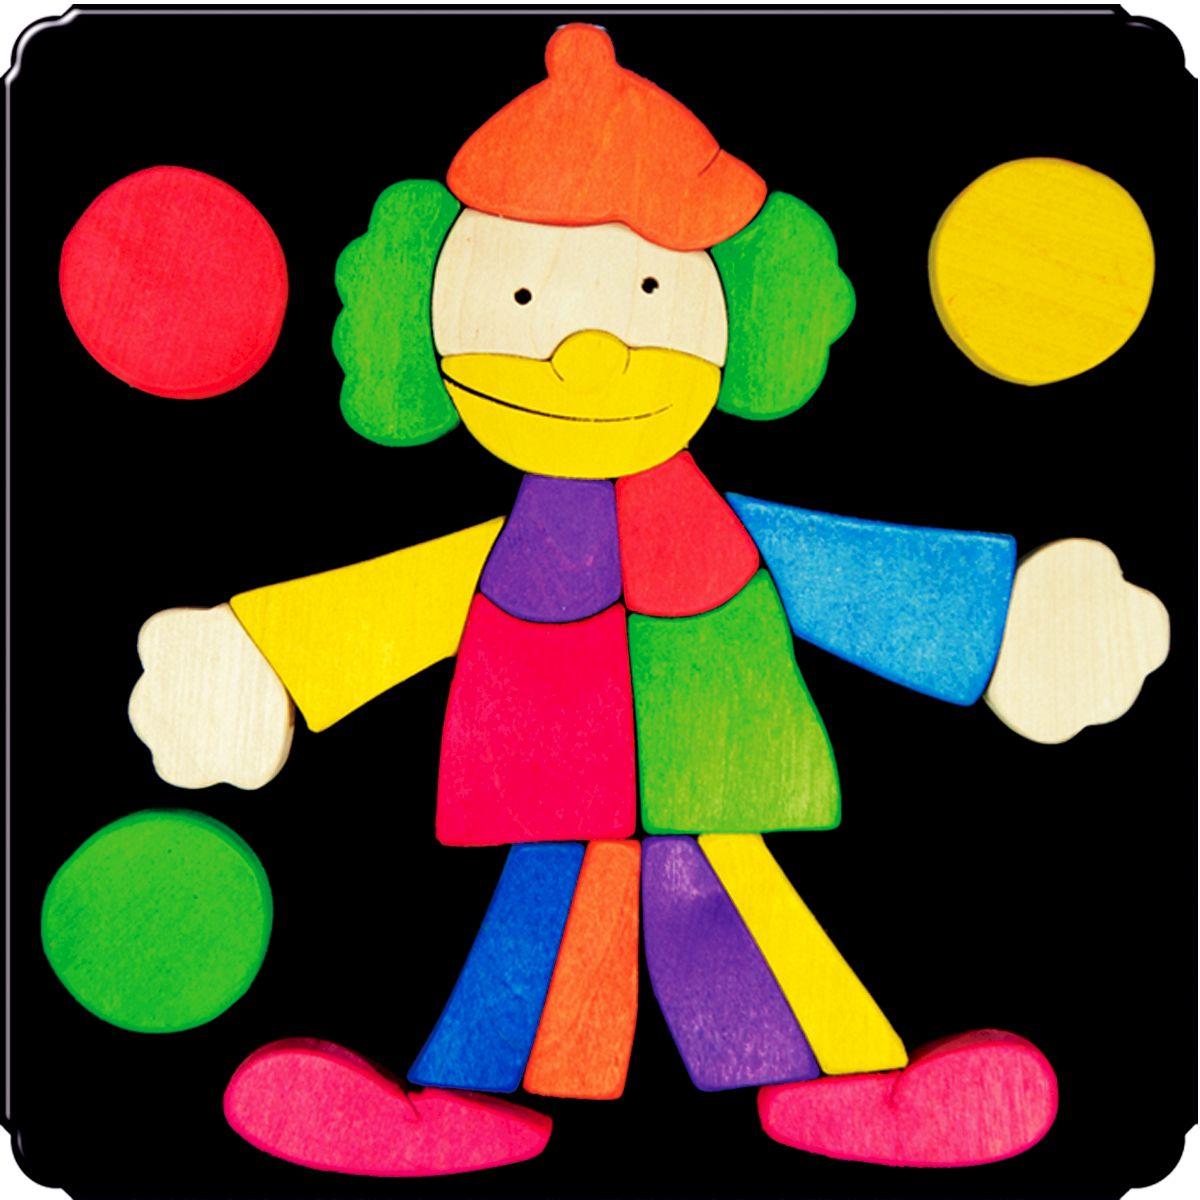 Деревяшкино Пазл для малышей Клоун 108108Красочная игрушка-головоломка из натурального дерева на магнитной доске. Незаменима в машине, поездке – в любом месте, где Вашему малышу удобно играть. Удивительный мир ярких красок и фантазий везде с Вами! Каждая деталька мозаики крепко держится на магнитной доске. Ваш юный фантазер сможет не только решить сложную задачу: собрать головоломку как на картинке, но и, используя фантазию, сможет создать уникальные и неповторимые композиции. Объединяйте несколько наборов – будет интереснее! Все детали выполнены из натурального дерева, окрашены безопасной пищевой краской. Деревянные игрушки дают возможность ощутить структуру, плотность, вес, запах материала. Ребенок получает правдивую информацию об окружающем мире. Развивает: мелкую моторику, абстрактное и логическое мышление, понимание цветов, геометрических форм. Методические рекомендации: объясните малышу почему детальки держатся на доске. Объясните как правильно собрать мозаику, но не помогайте в трудных местах. Попросите ребенка...